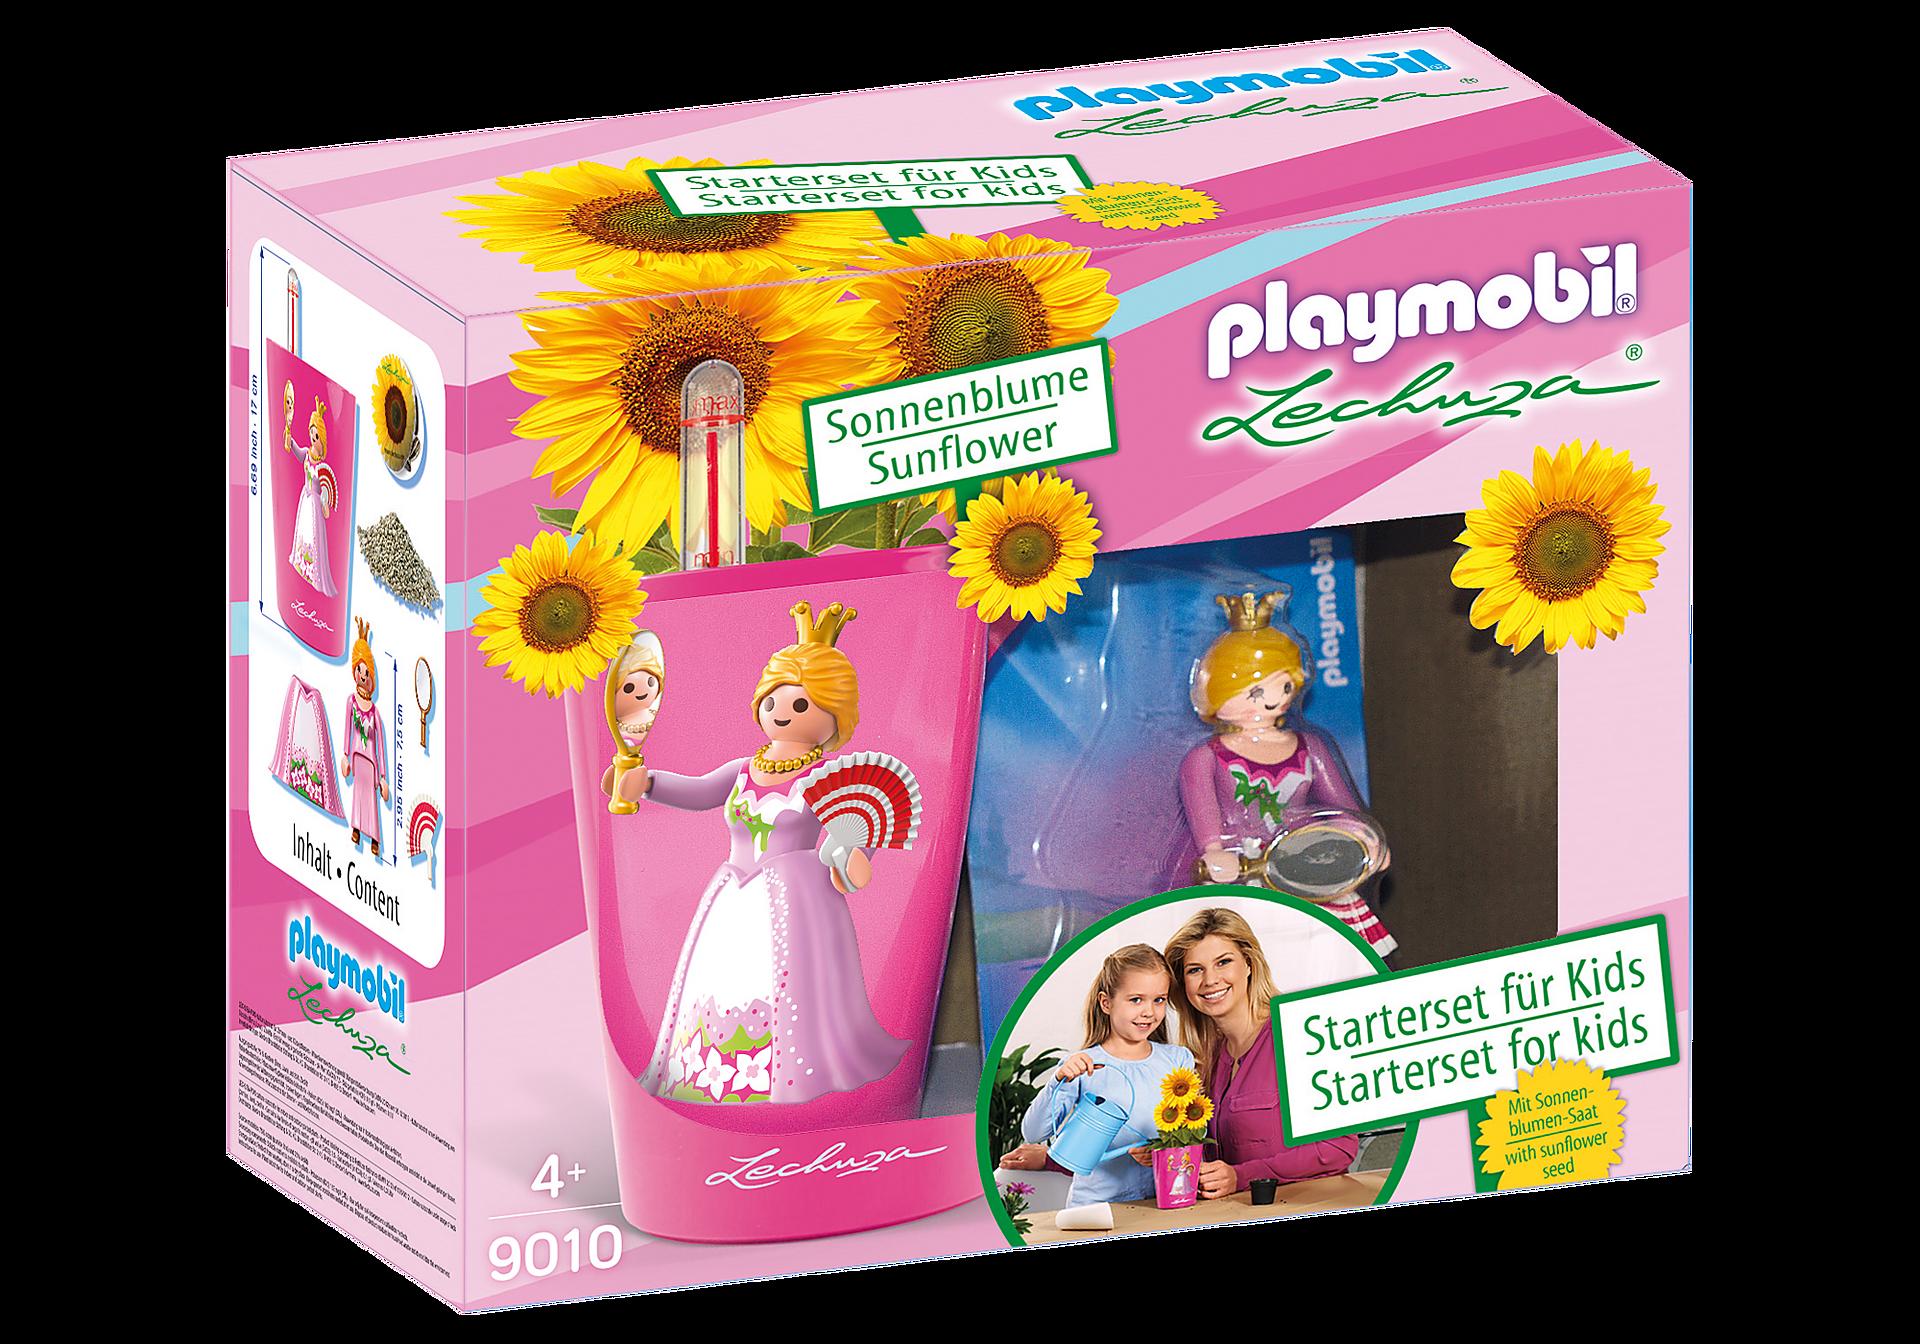 http://media.playmobil.com/i/playmobil/9010_product_box_front/Mini Deltini Start Set Prinzessin